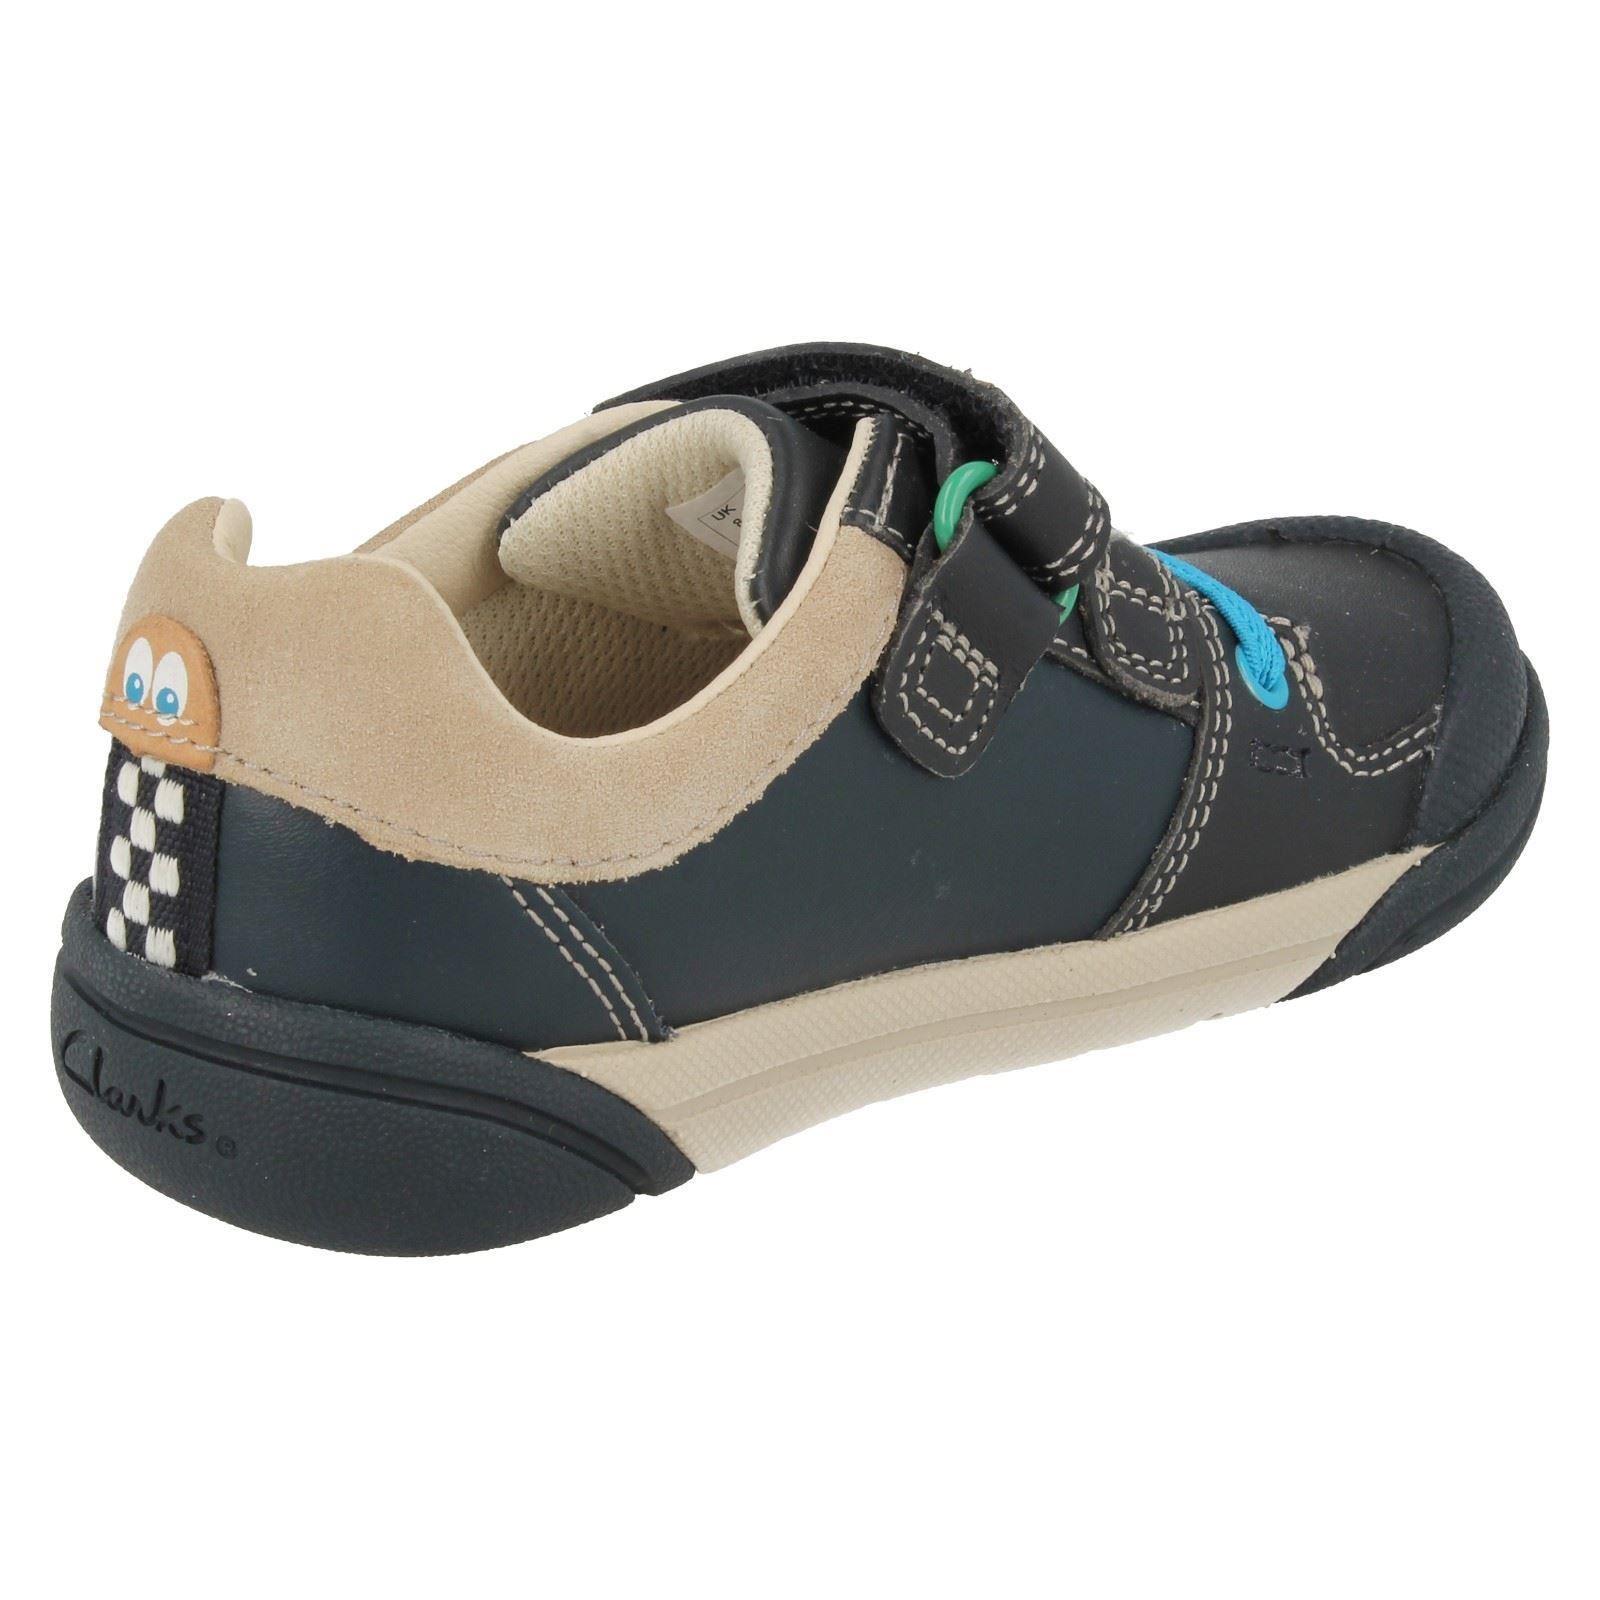 Infantil y Junior Chicos Clarks Zapatos Puntera Riptape Correa de redondeado-lilfolkcub